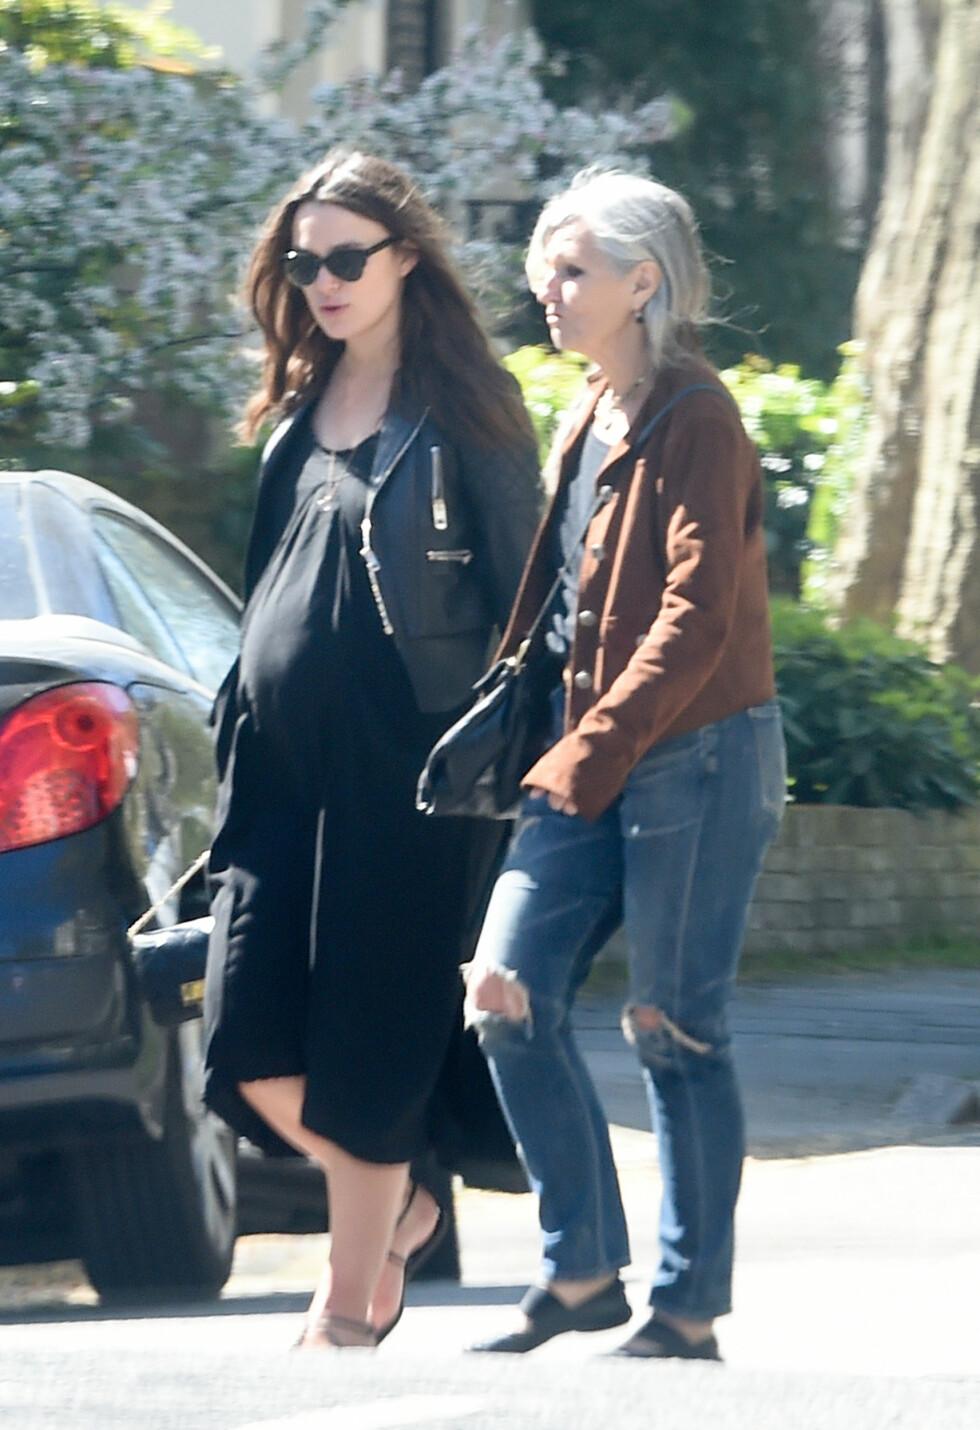 HØYGRAVID: Knightley var ikke mange ukene unna å bli mamma, da hun viste seg på shopping med moren sin nylig. Foto: Splash News